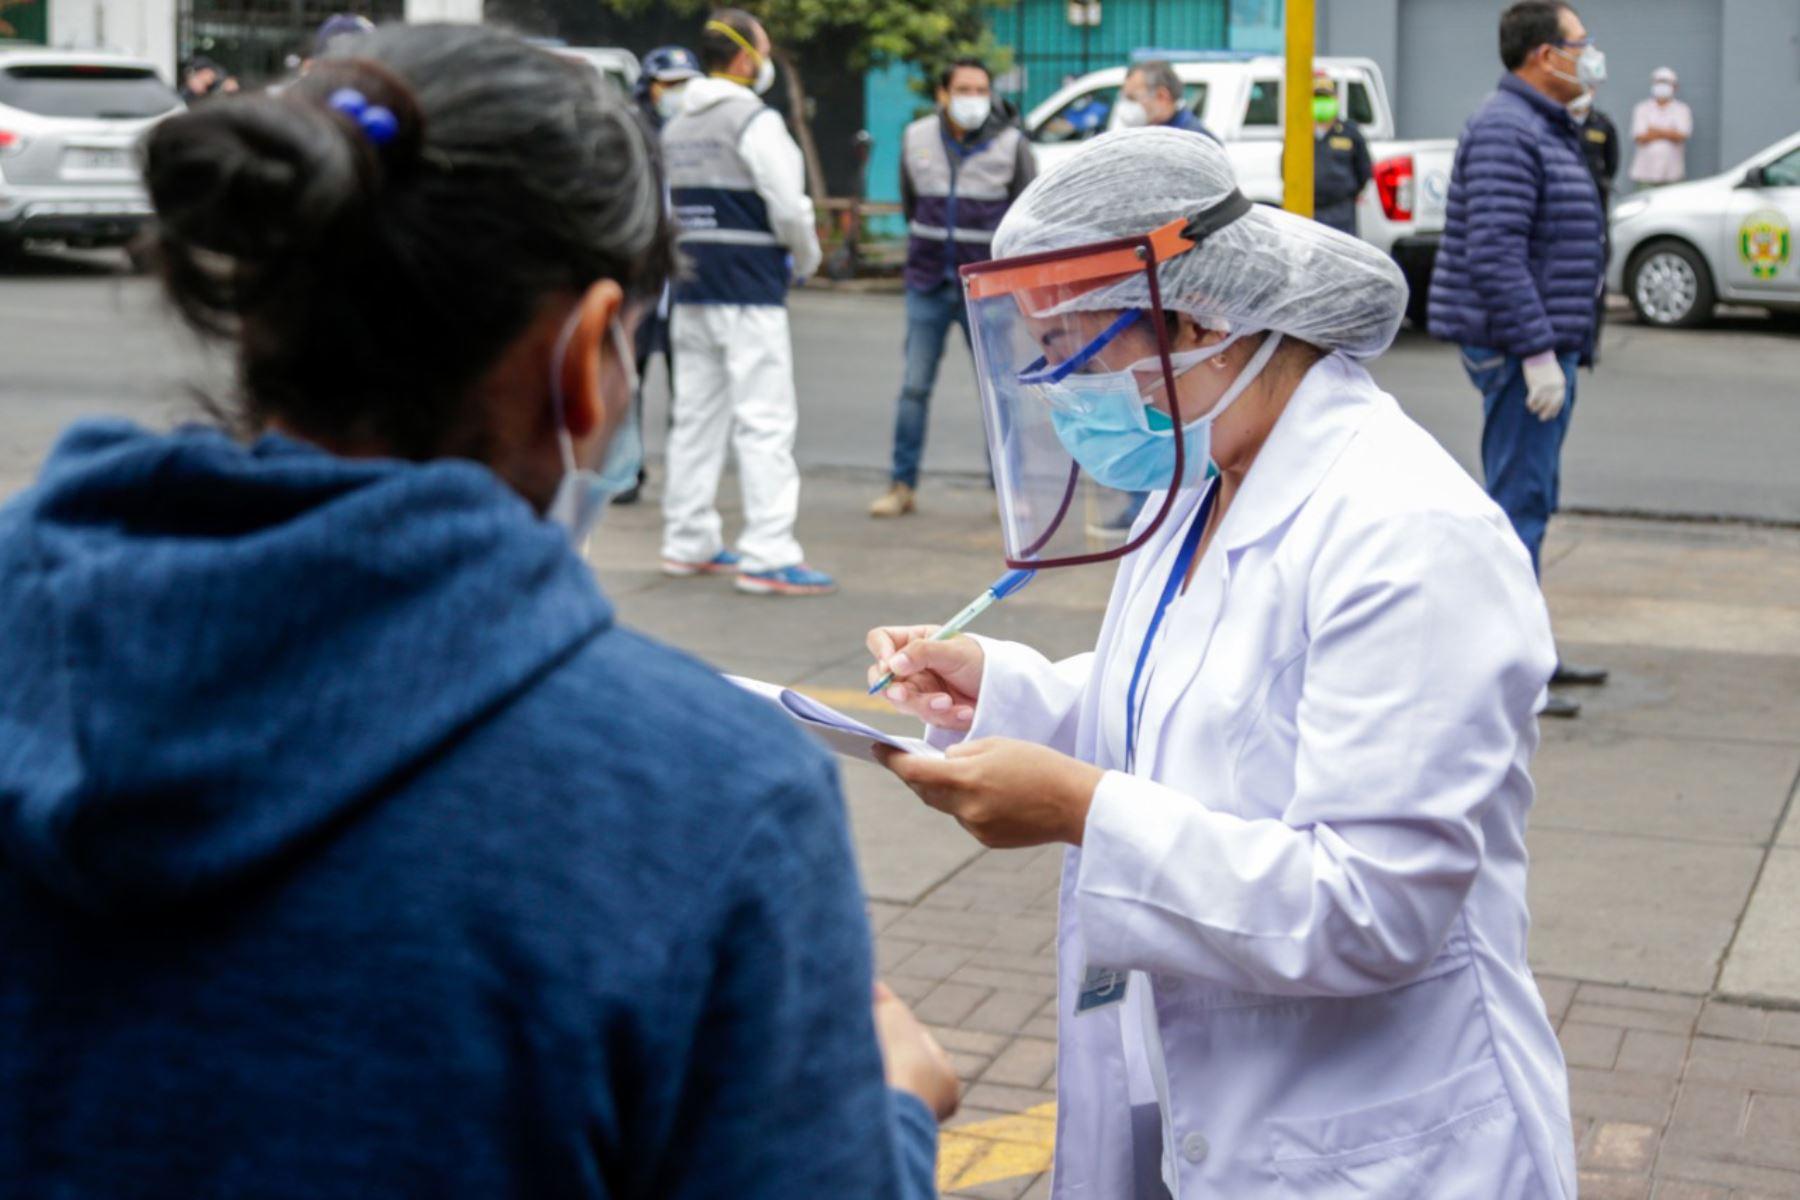 El Ministerio de Salud realizó esta mañana pruebas rápidas a comerciantes del mercado San José en Jesús María para descartar infectados de covid-19.  Foto: MINSA